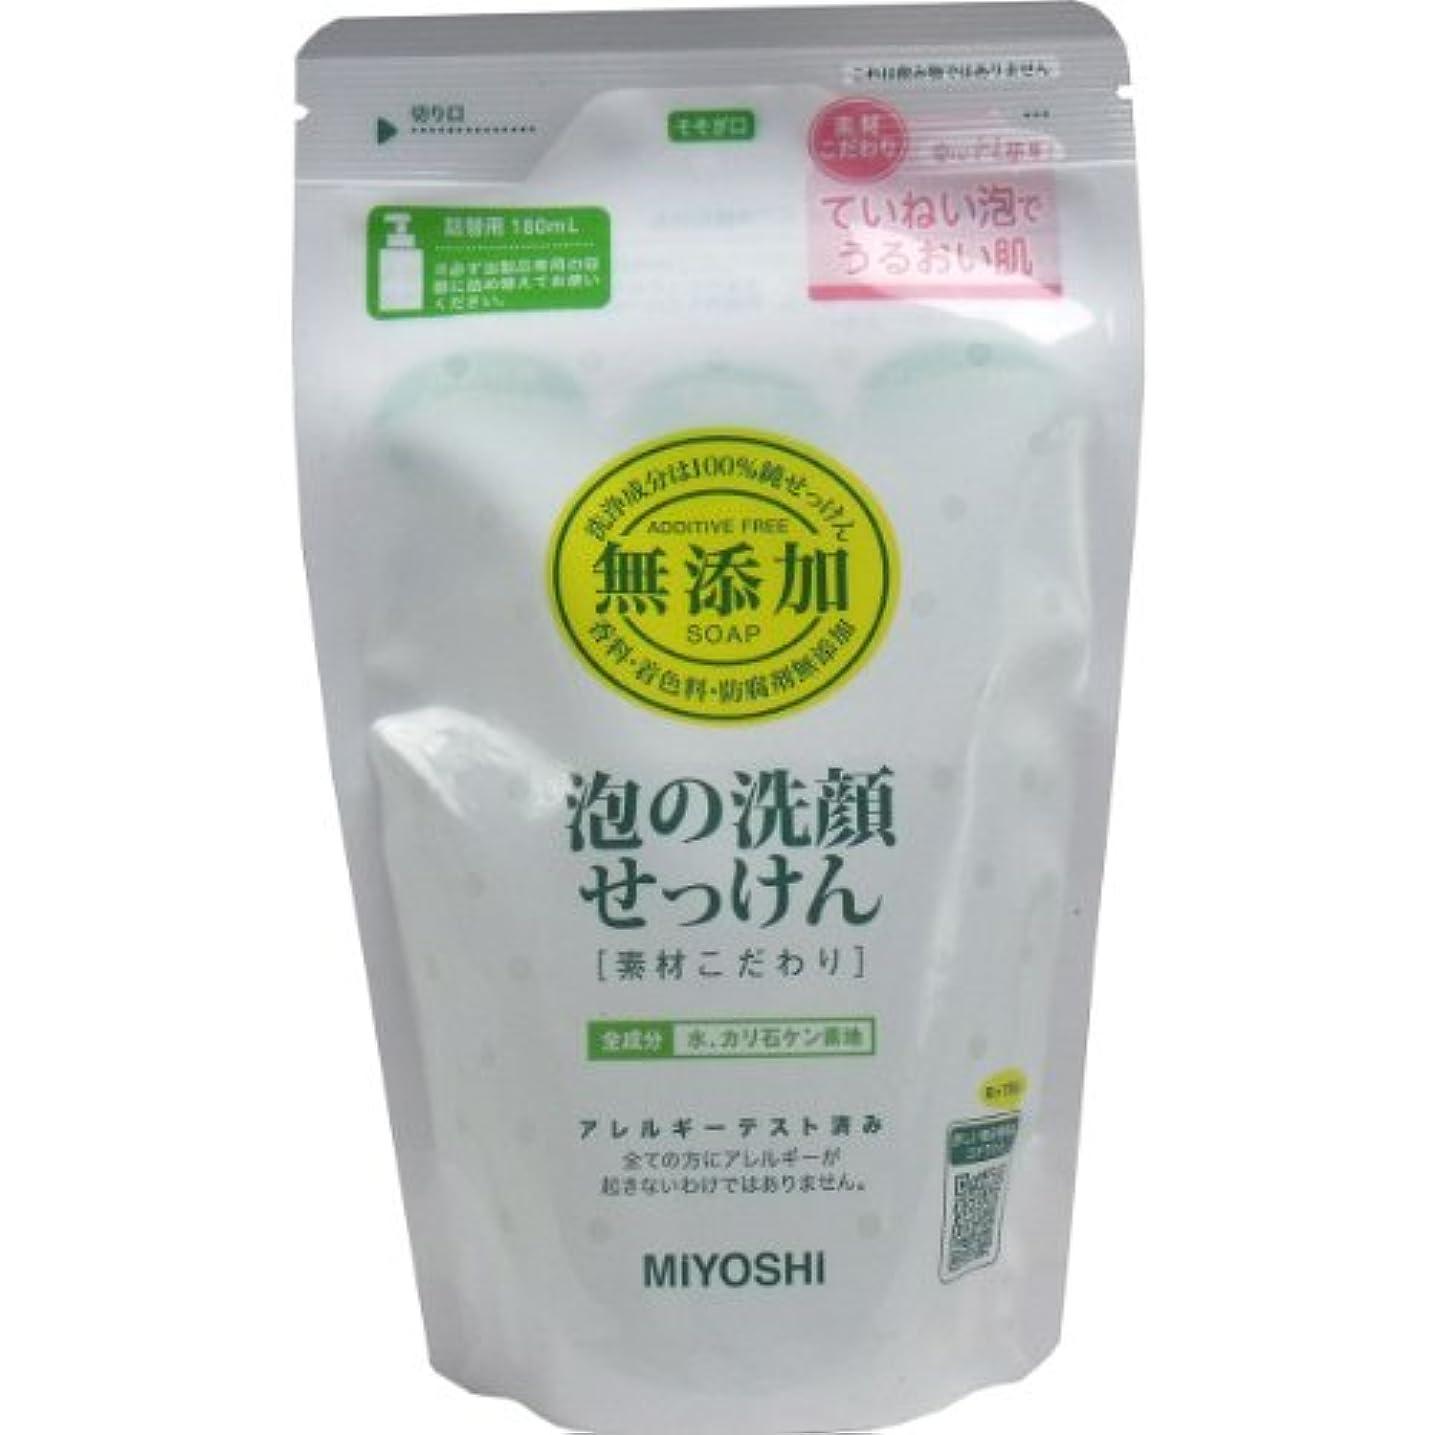 【ミヨシ石鹸】無添加 泡の洗顔せっけん 180ml ×10個セット